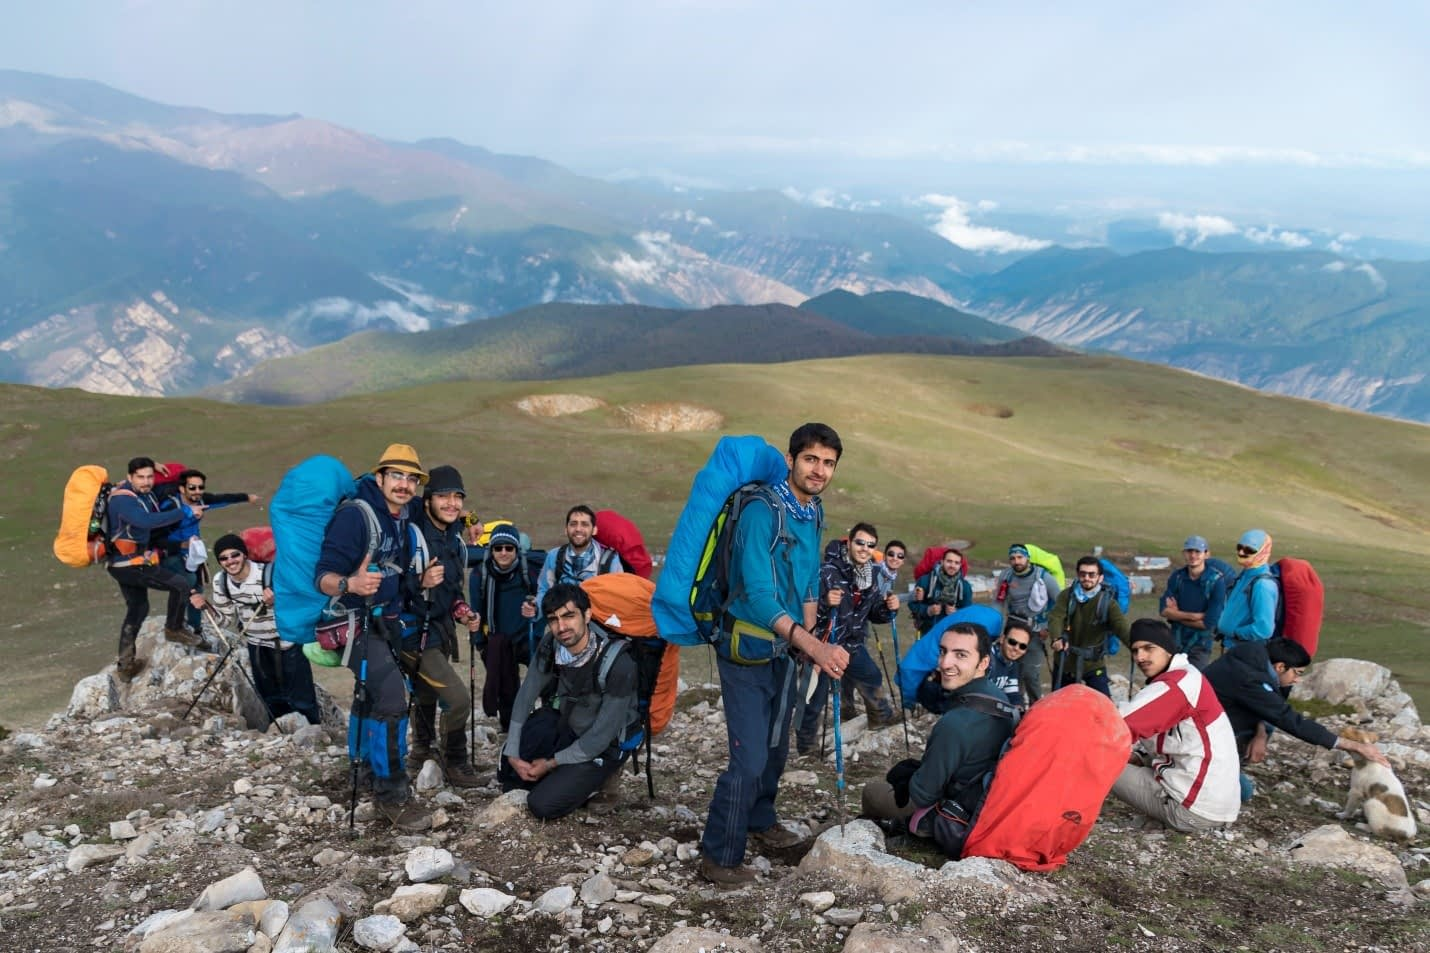 عکس دسته جمعی گروه با رستم چال و منظره ای زیبا